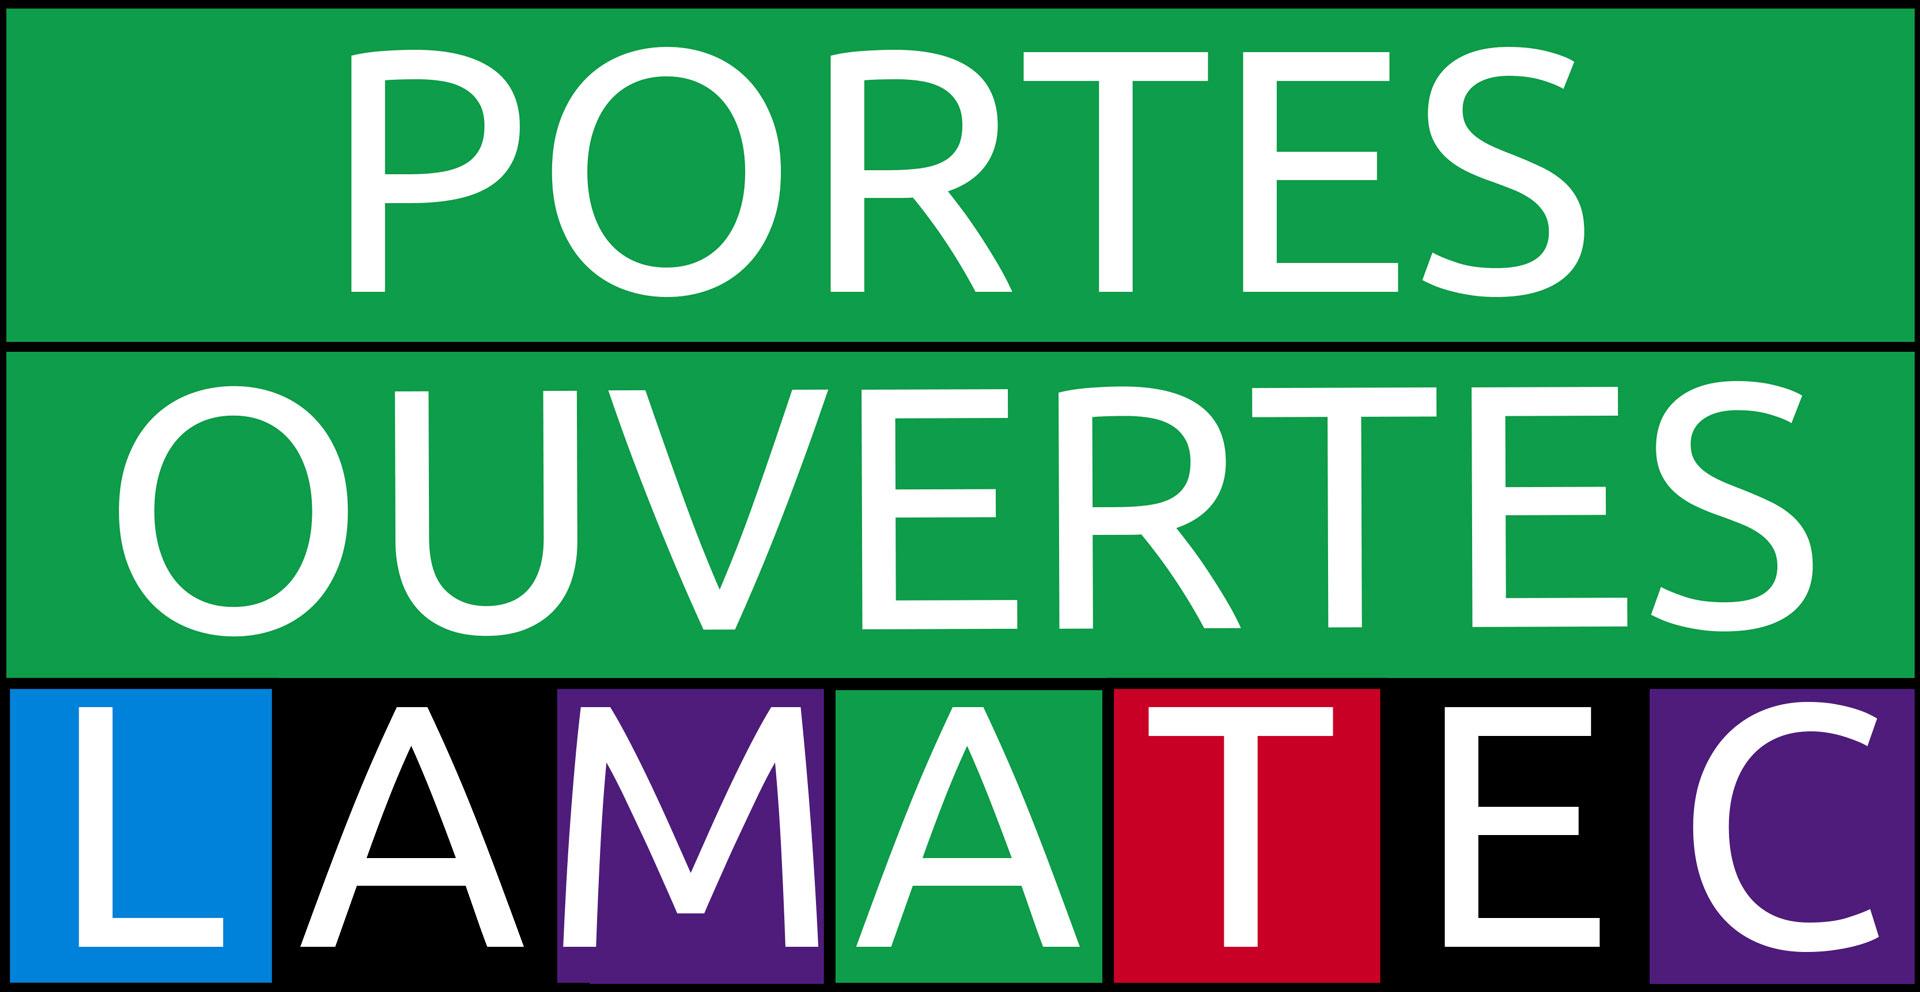 Portes ouvertes Lamatec 2019